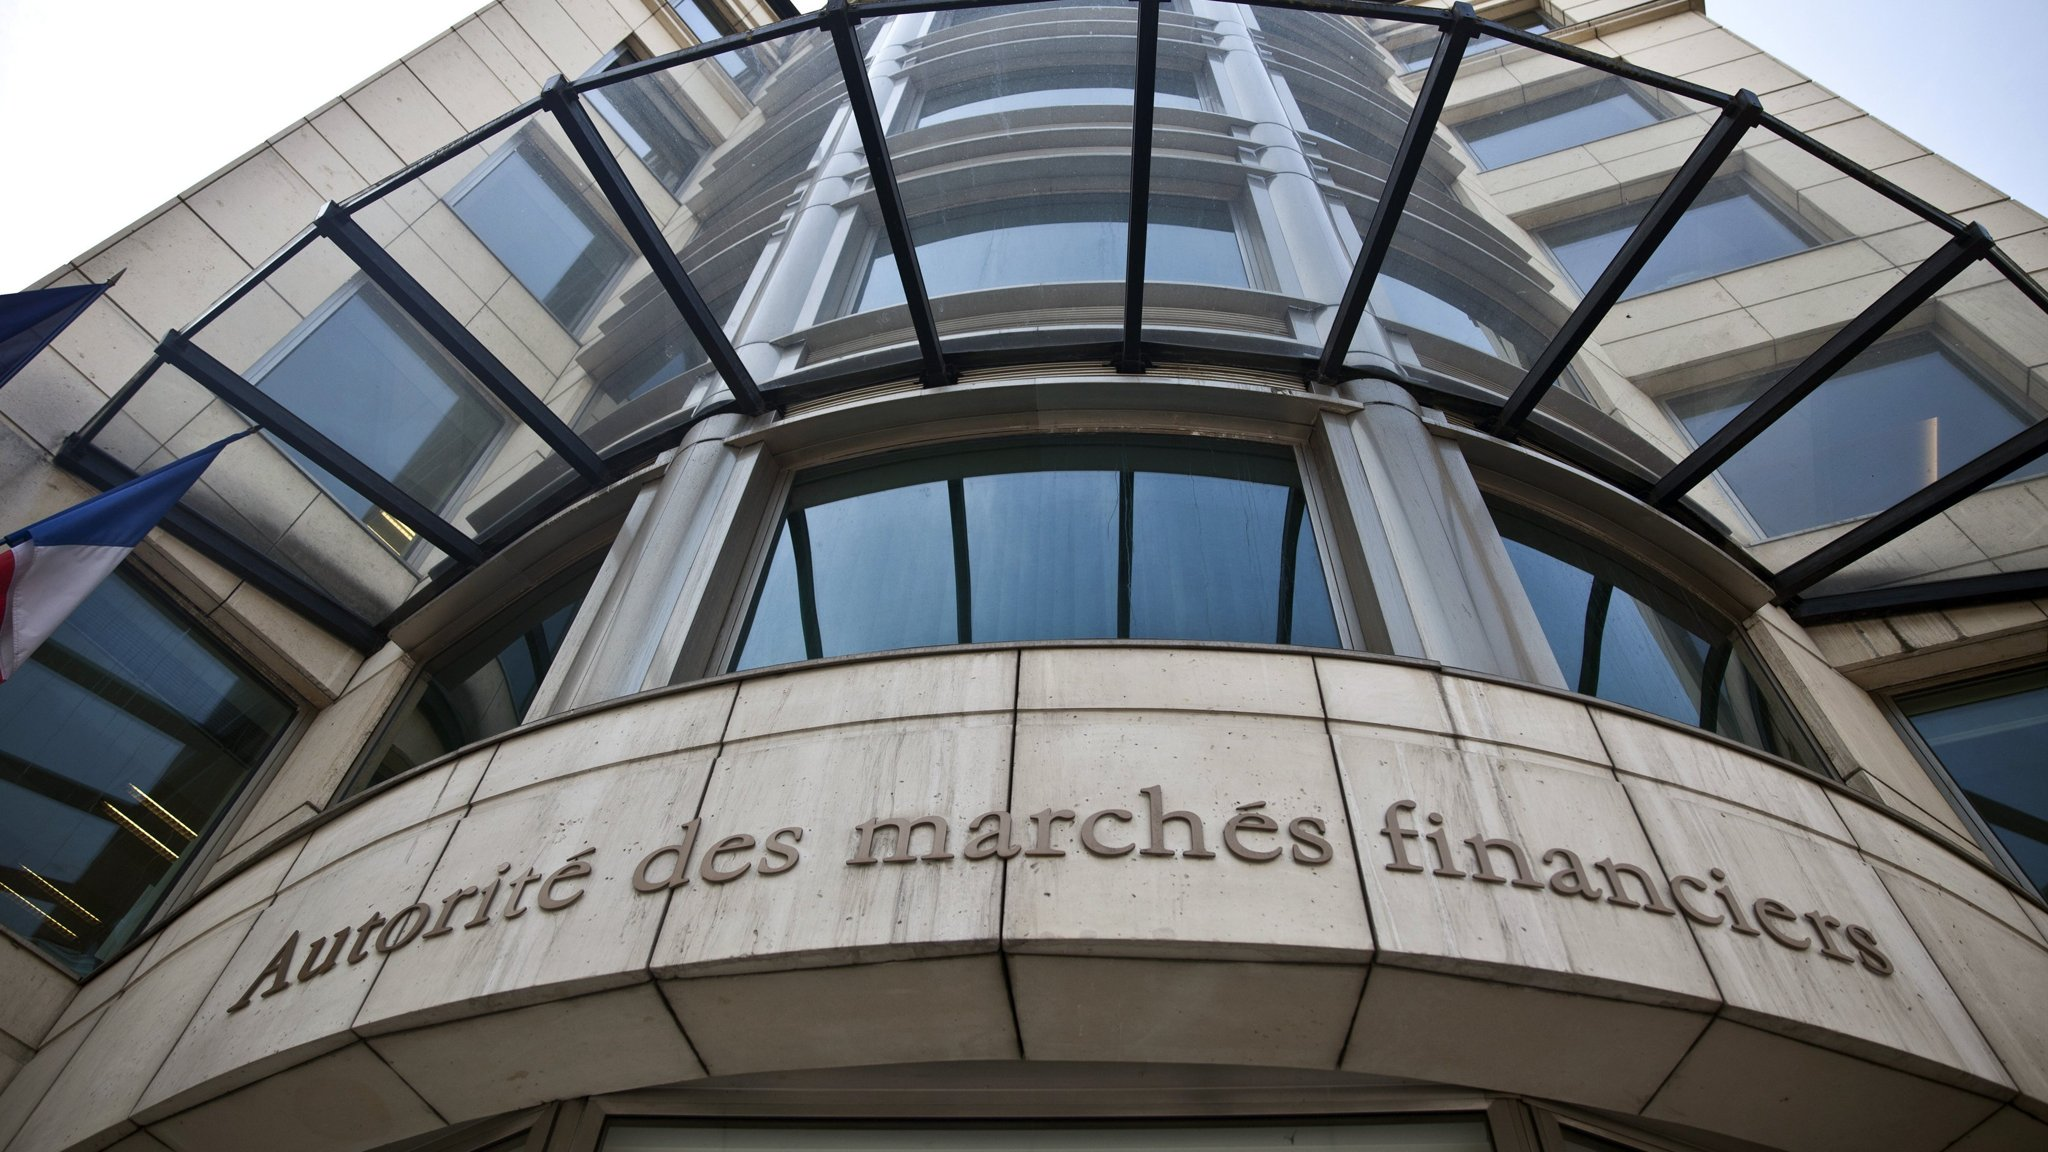 Autoridad del Mercado Financiero en Francia aprobó por primera vez una ICO en el país